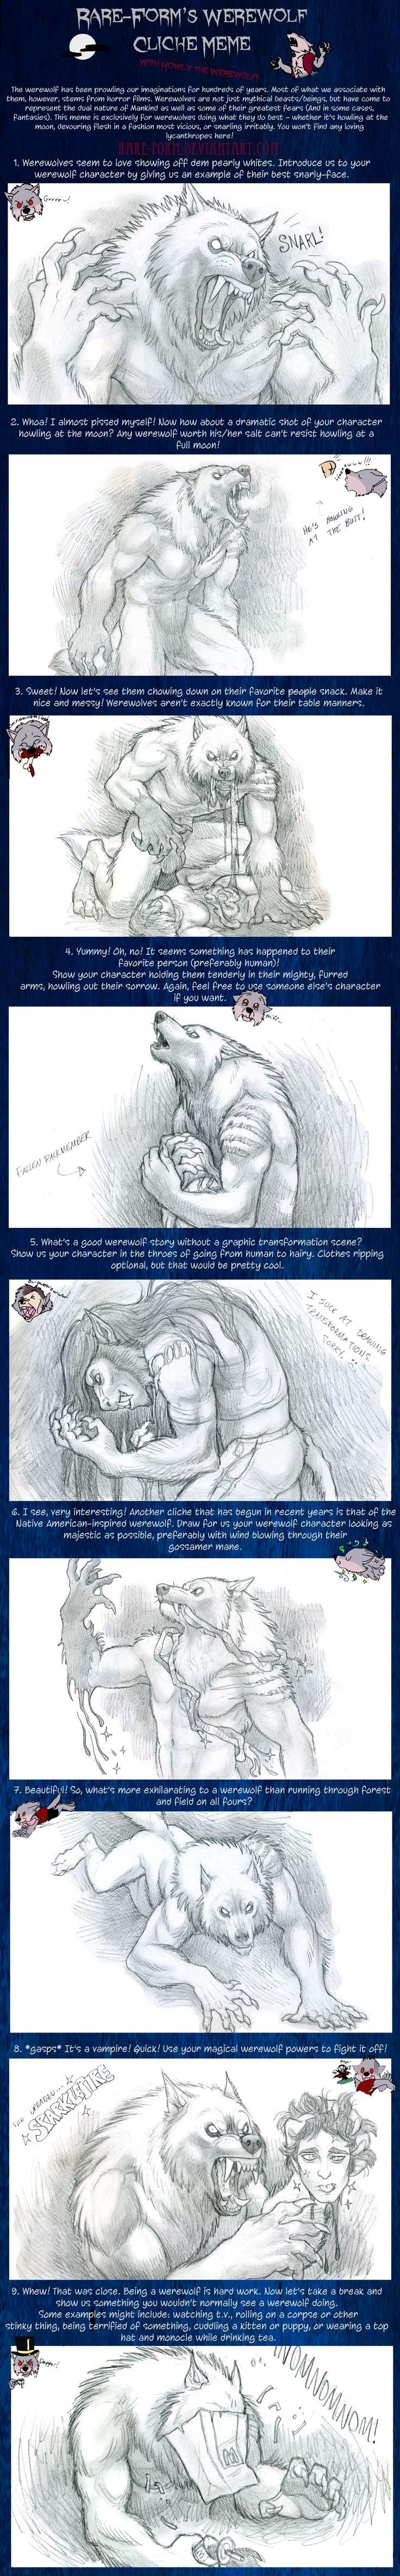 Werewolf Cliche Meme by *kyoht on deviantART